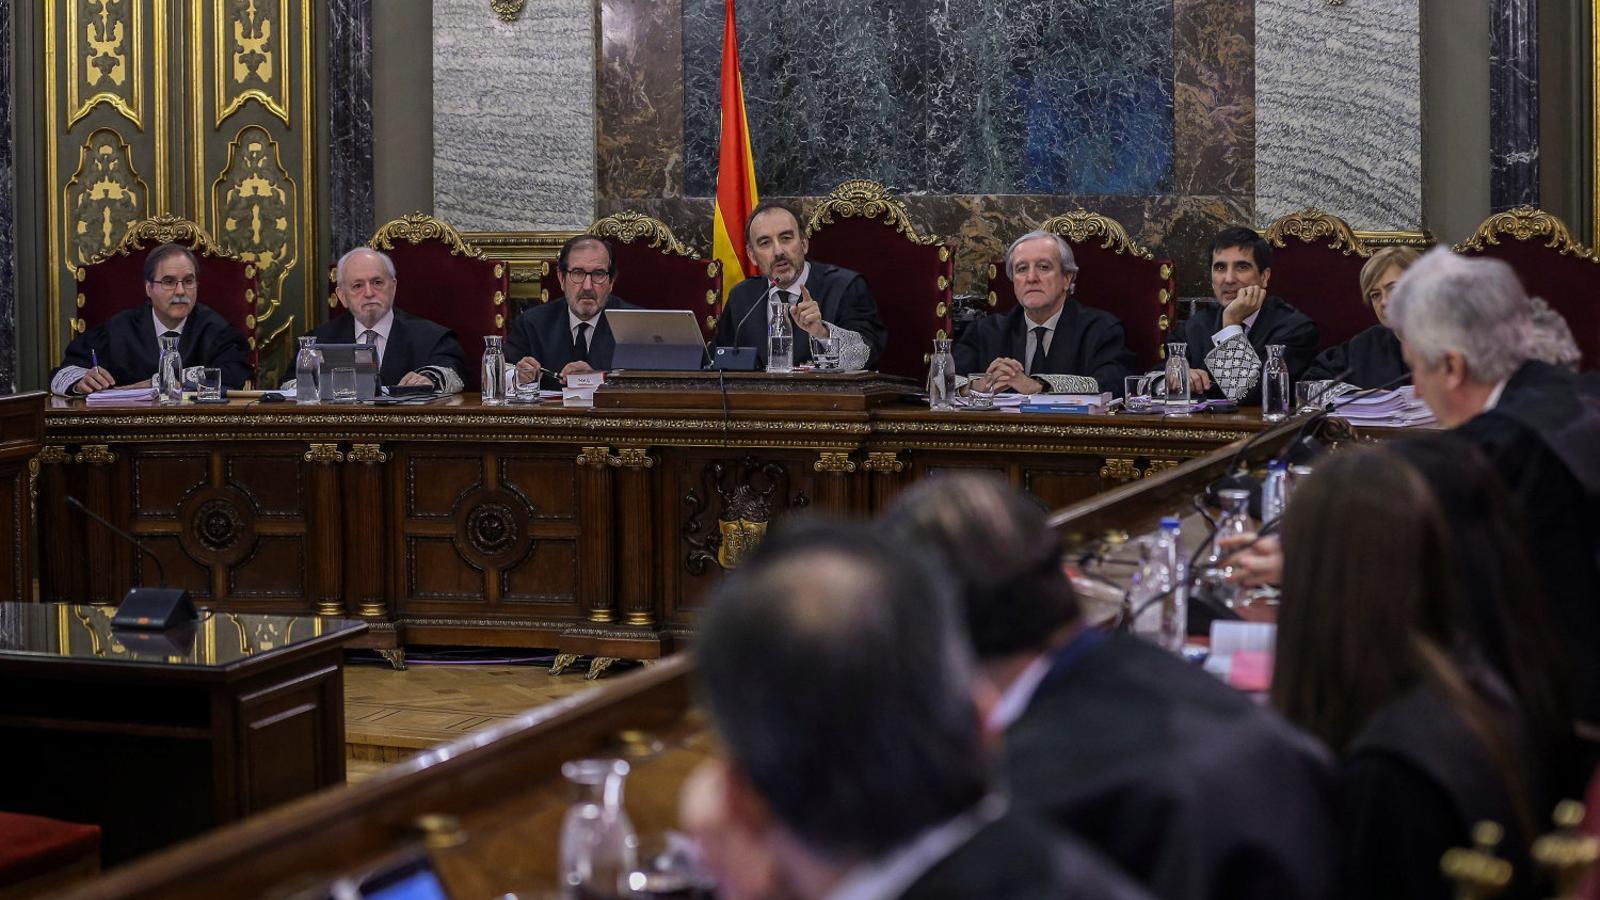 El president del tribunal del Procés, Manuel Marchena, és l'únic dels set magistrats del jurat que ha pres la paraula durant el judici.